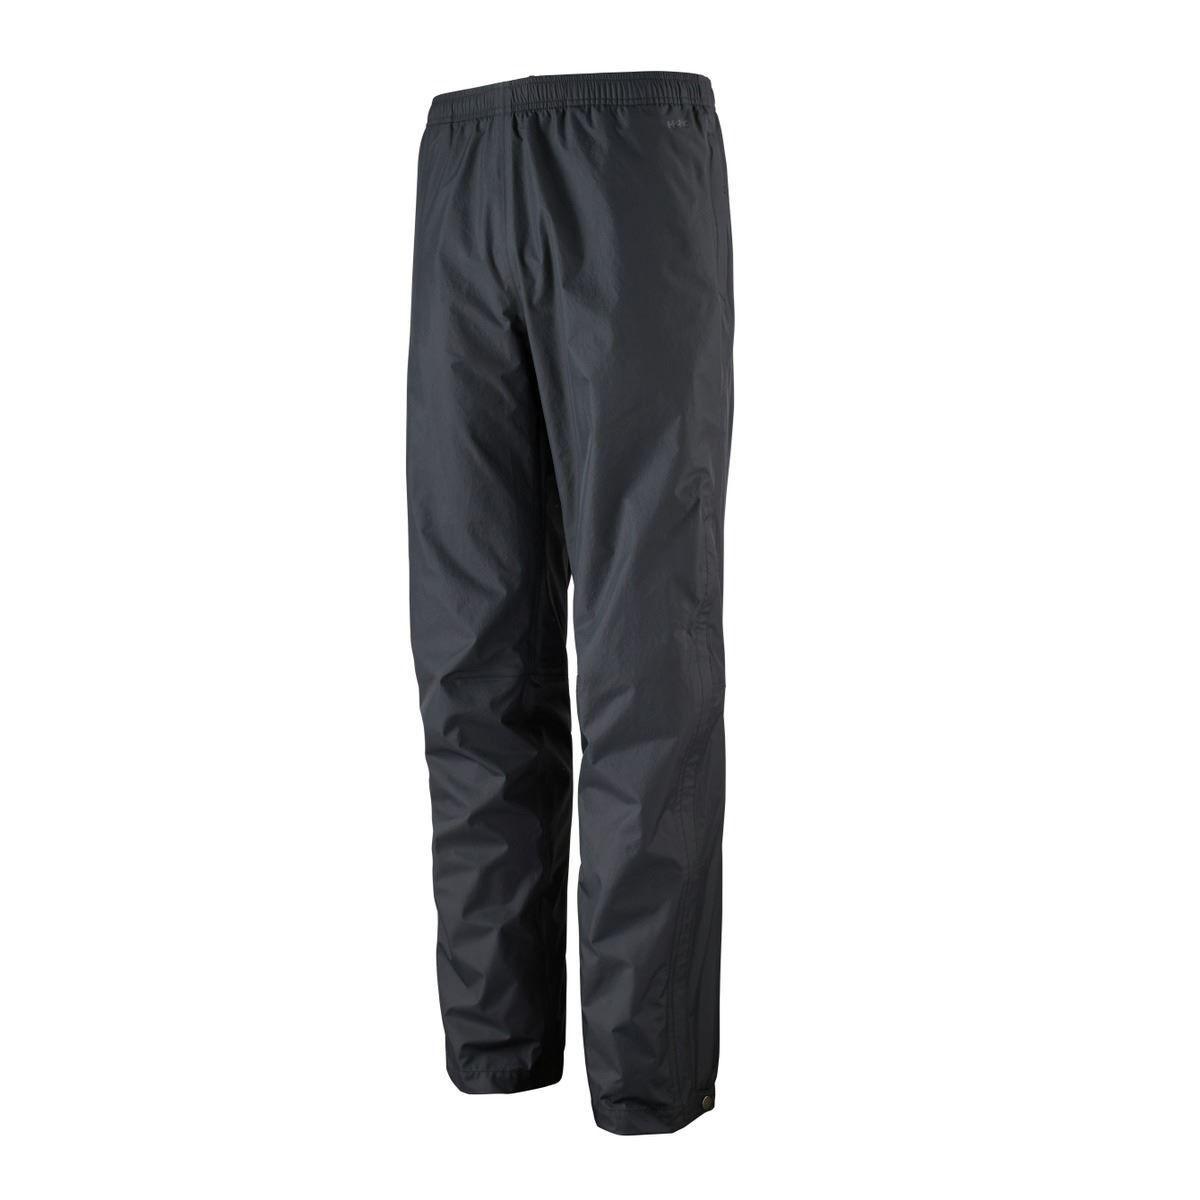 Bilde av M's Torrentshell 3L Pants - Regular